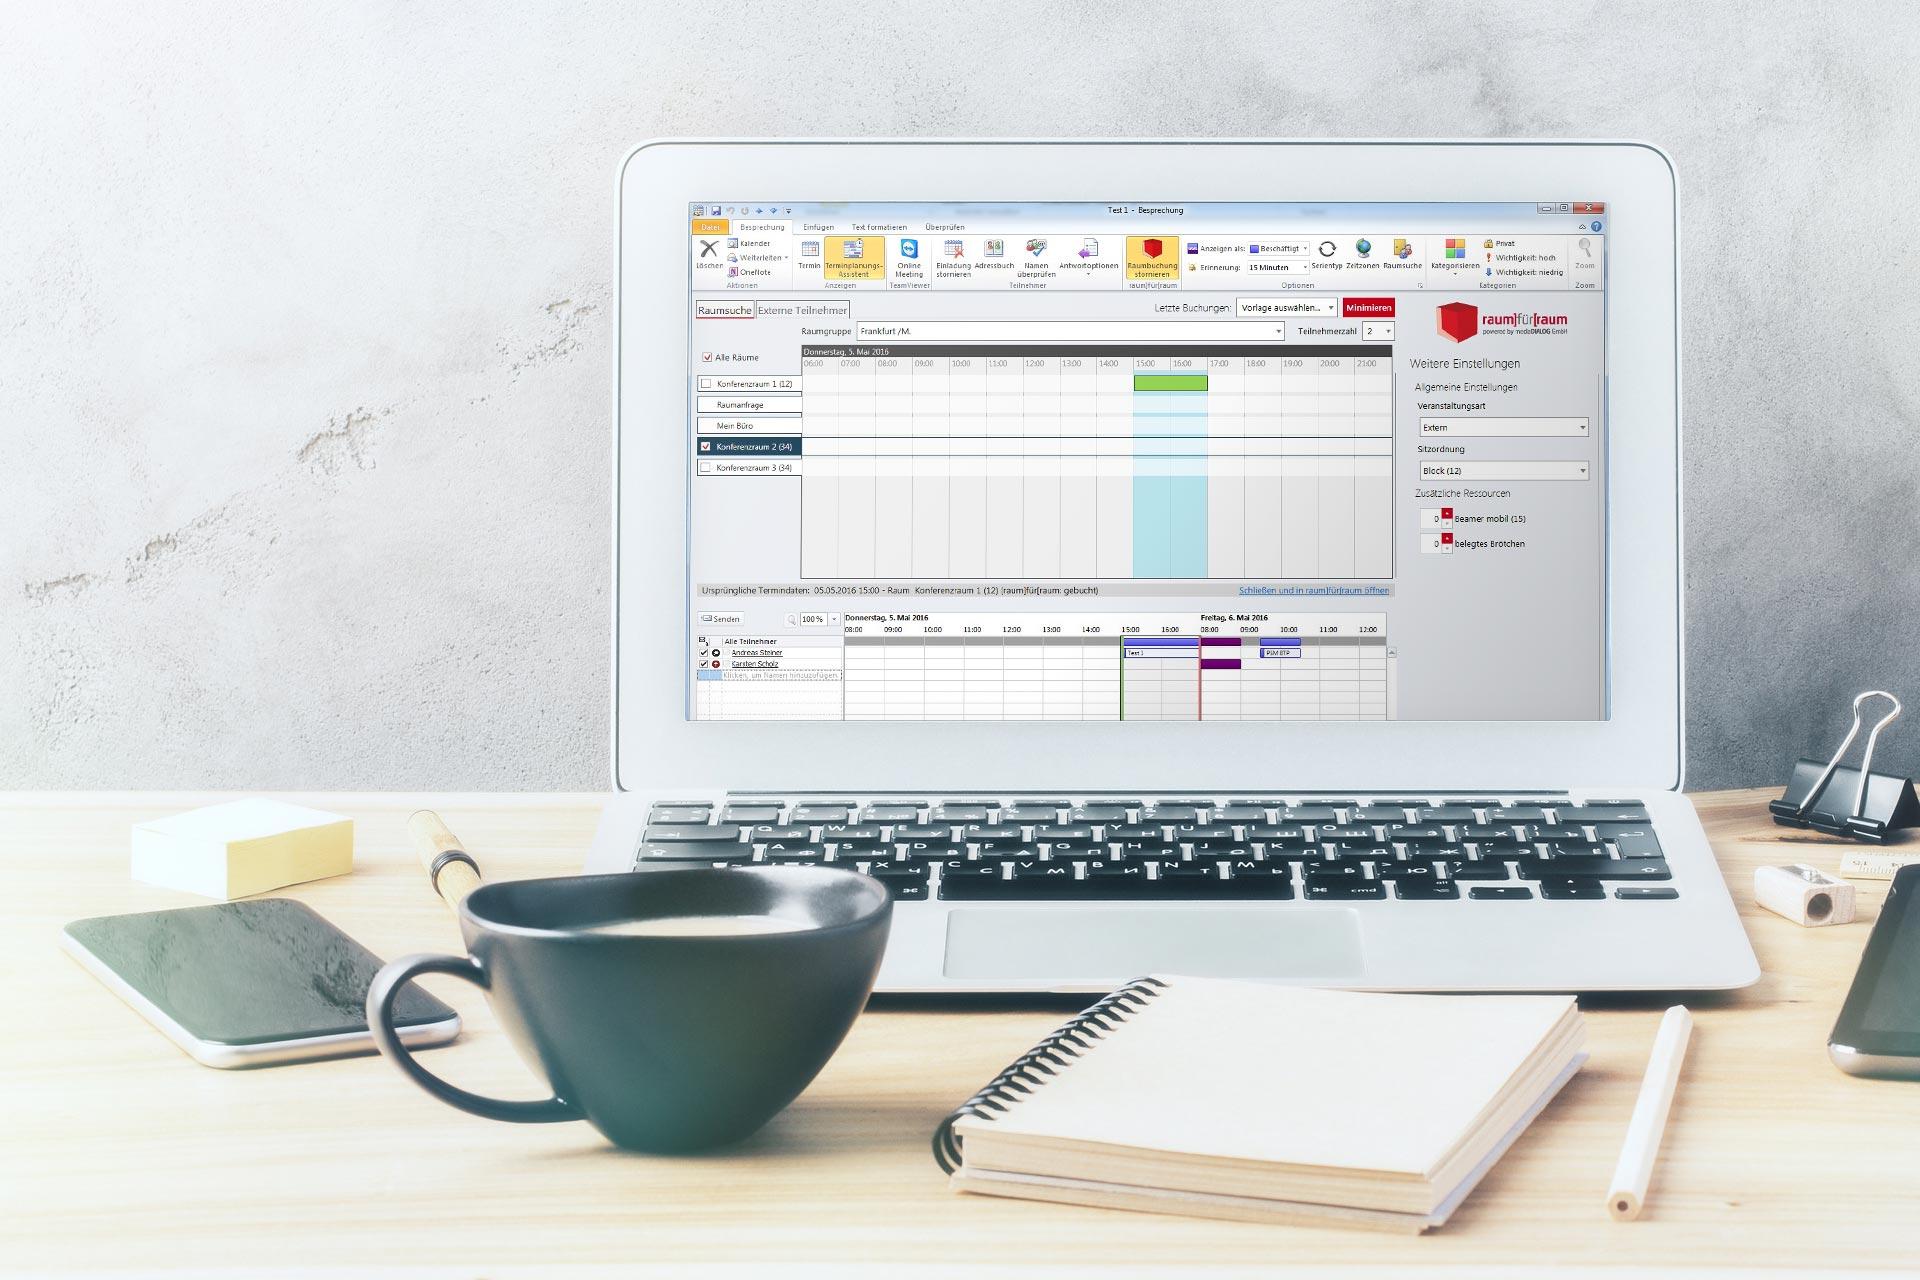 Outlook Raumverwaltung